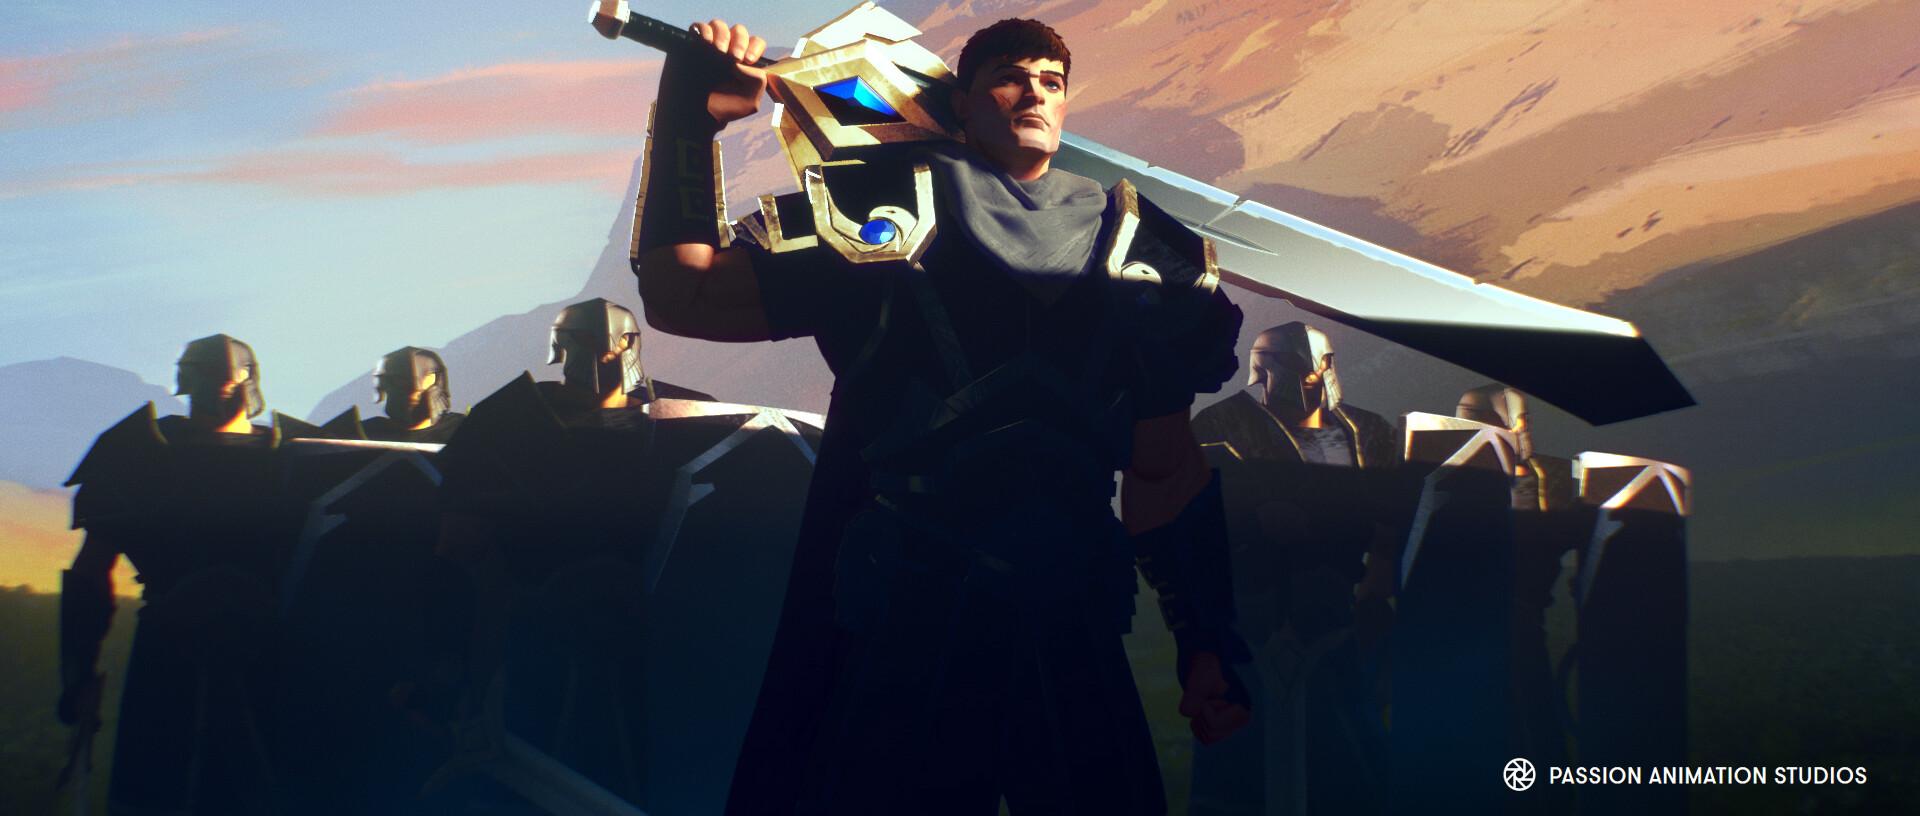 Garen's sword, basic sword and shield modeling